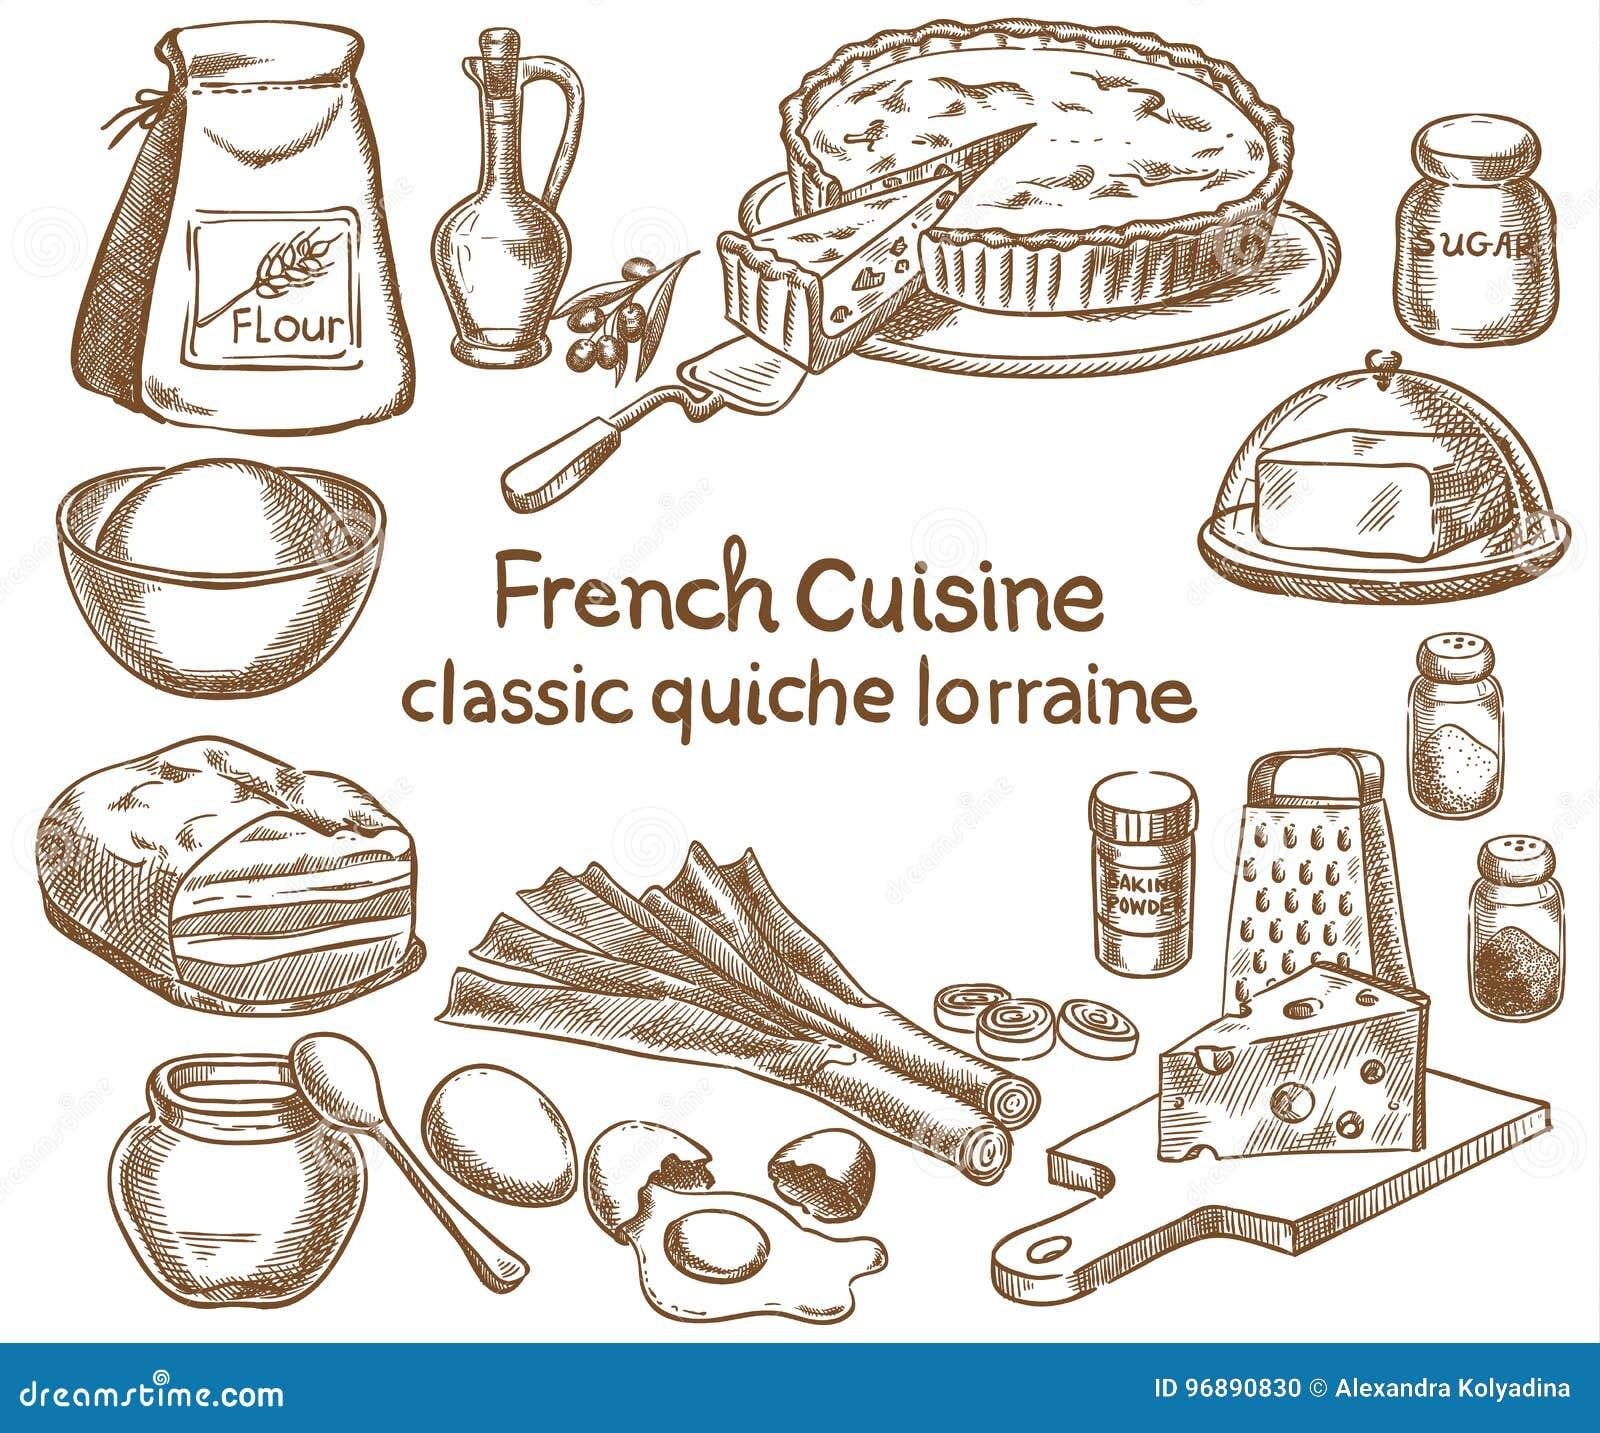 De klassieke ingrediënten van quichelotharingen